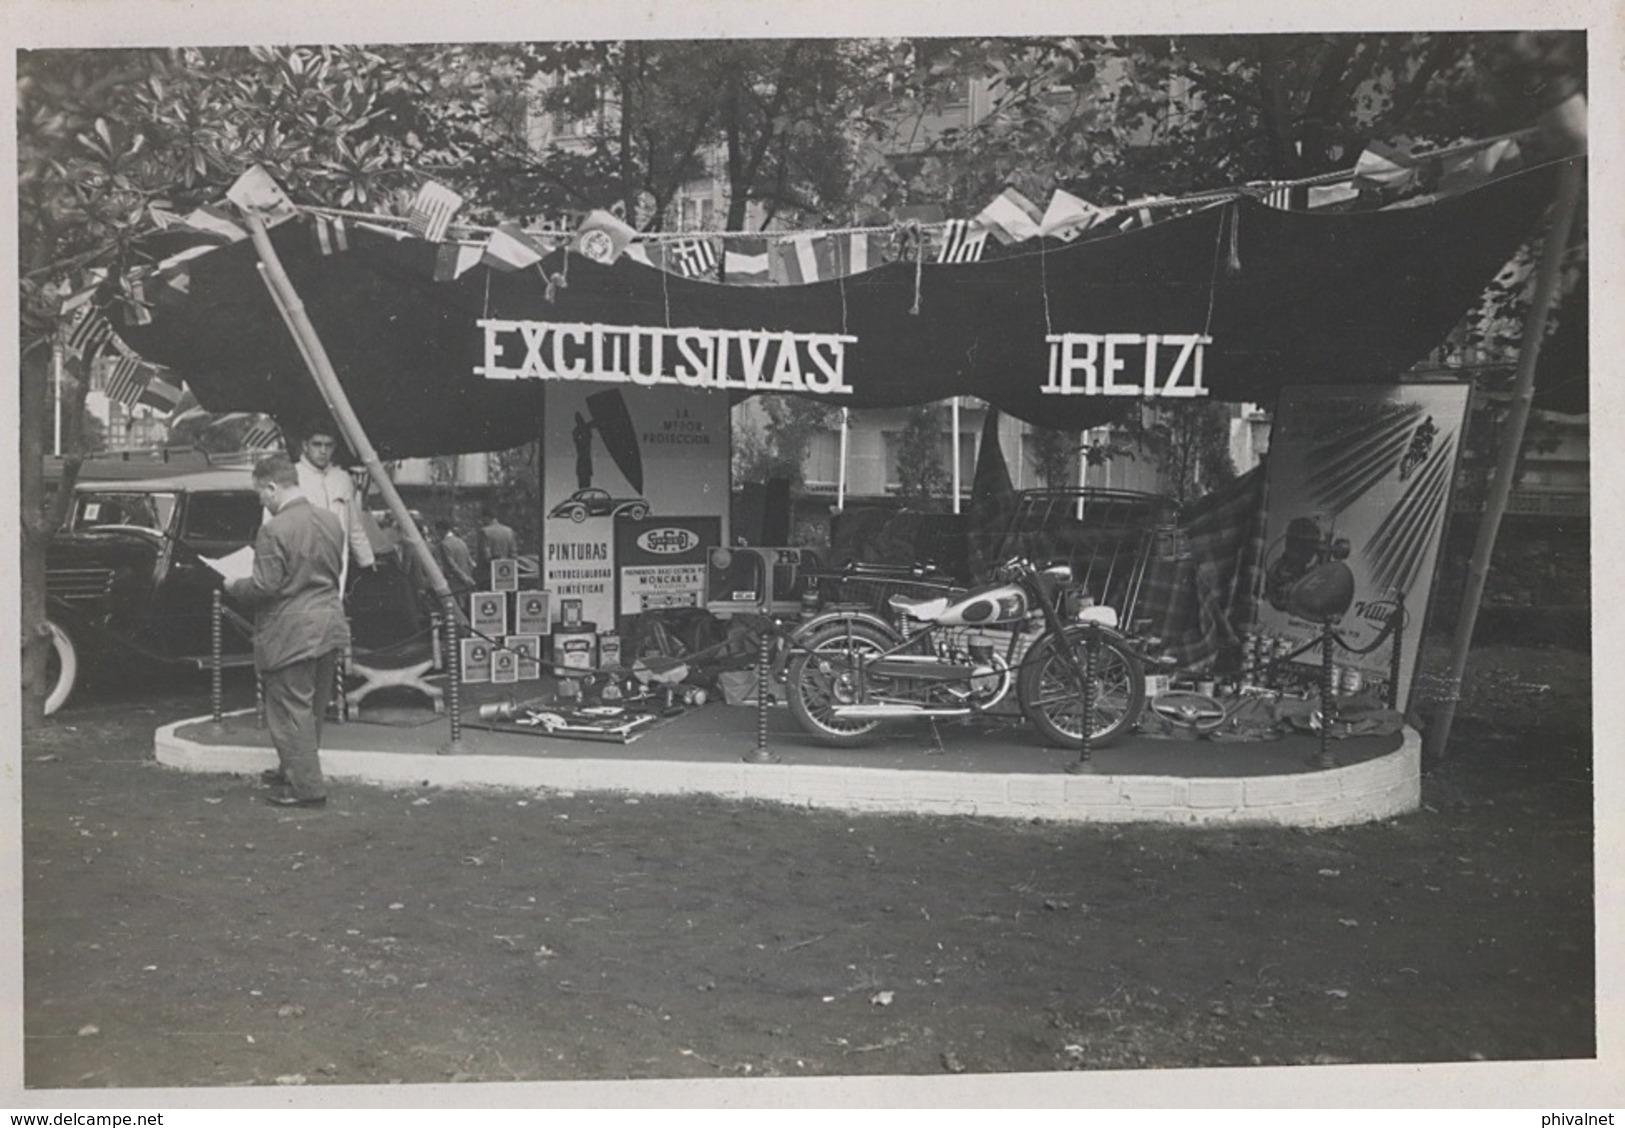 AÑOS 50 , MOTOCICLISMO , MOTOCICLETA , MOTO , MOTORCYCLE , MOTORRAD - ANTIGUA FOTOGRAFIA ORIGINAL - Fotos